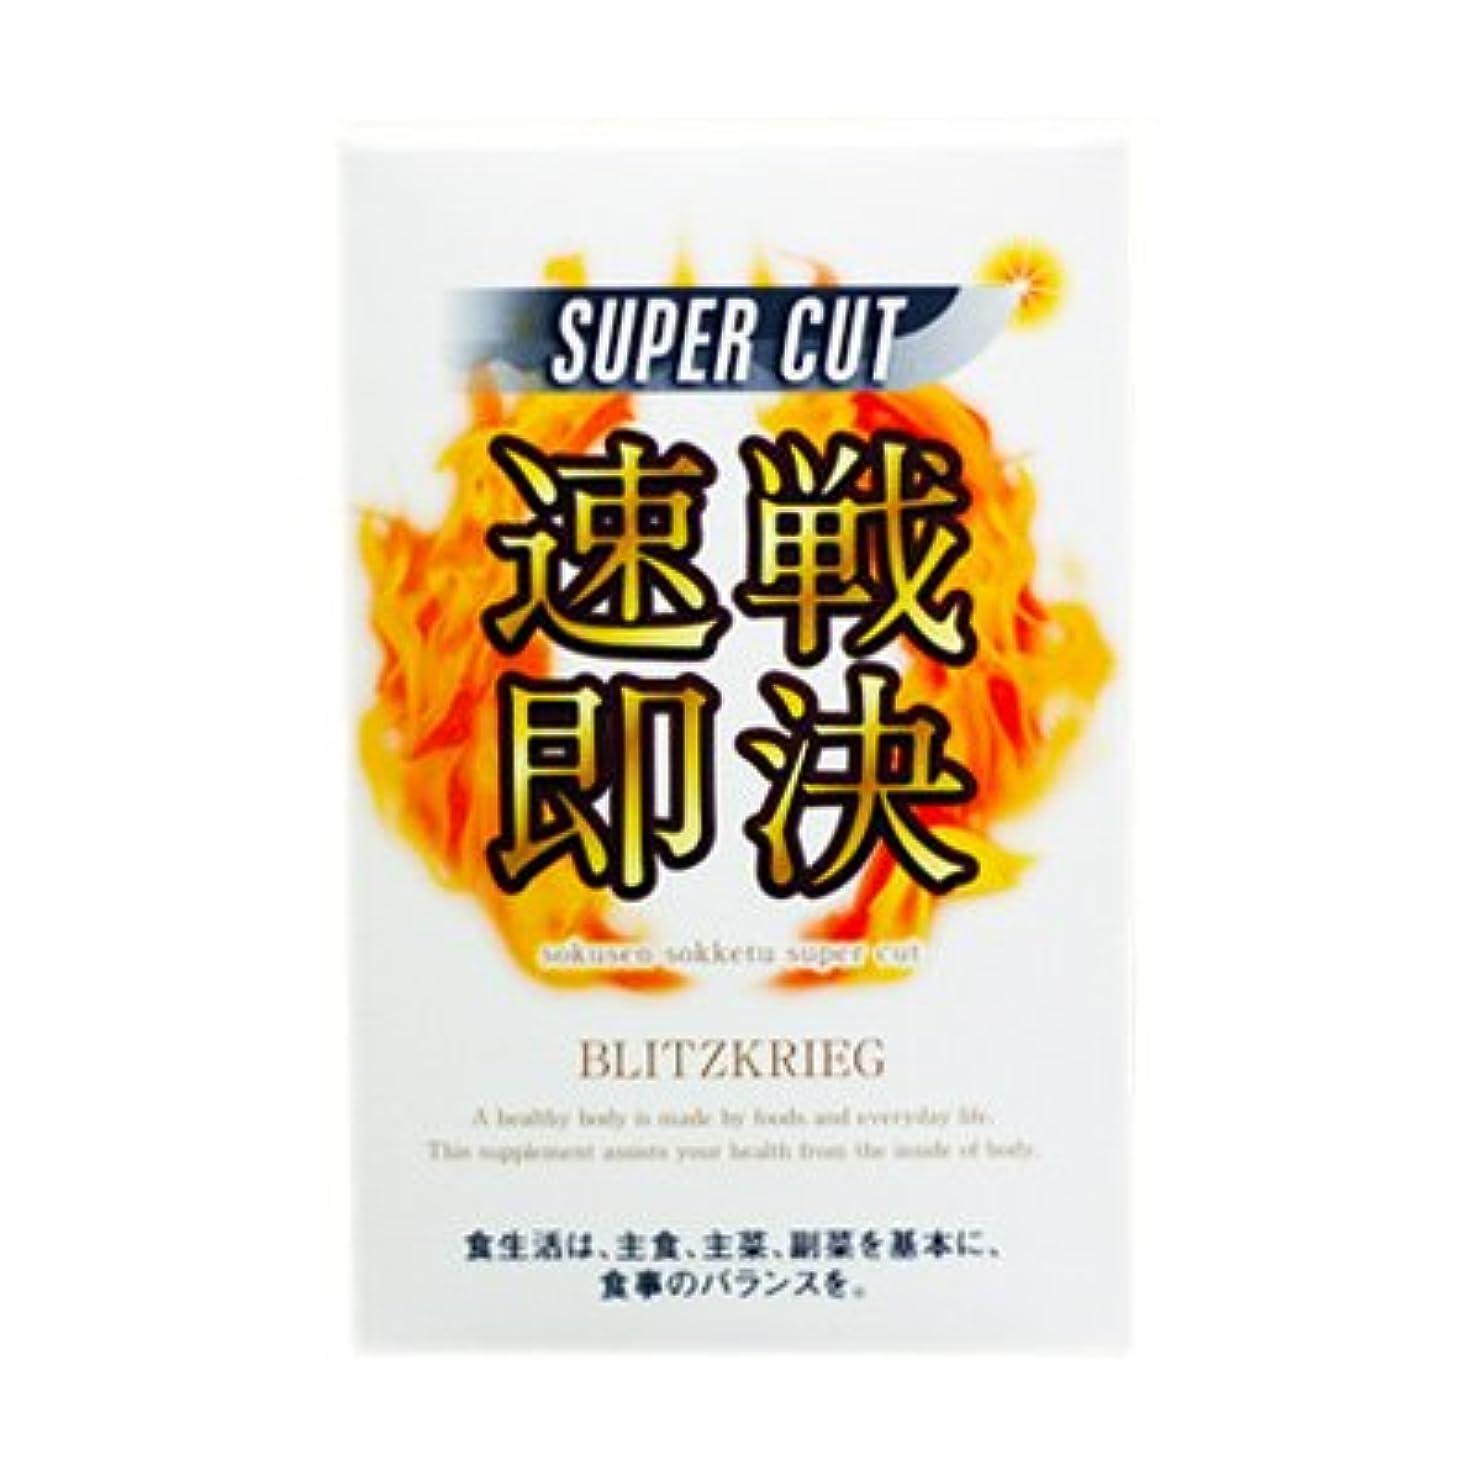 知覚疑問に思う風景速戦即決 スーパーカット そくせんそっけつ SUPER CUT